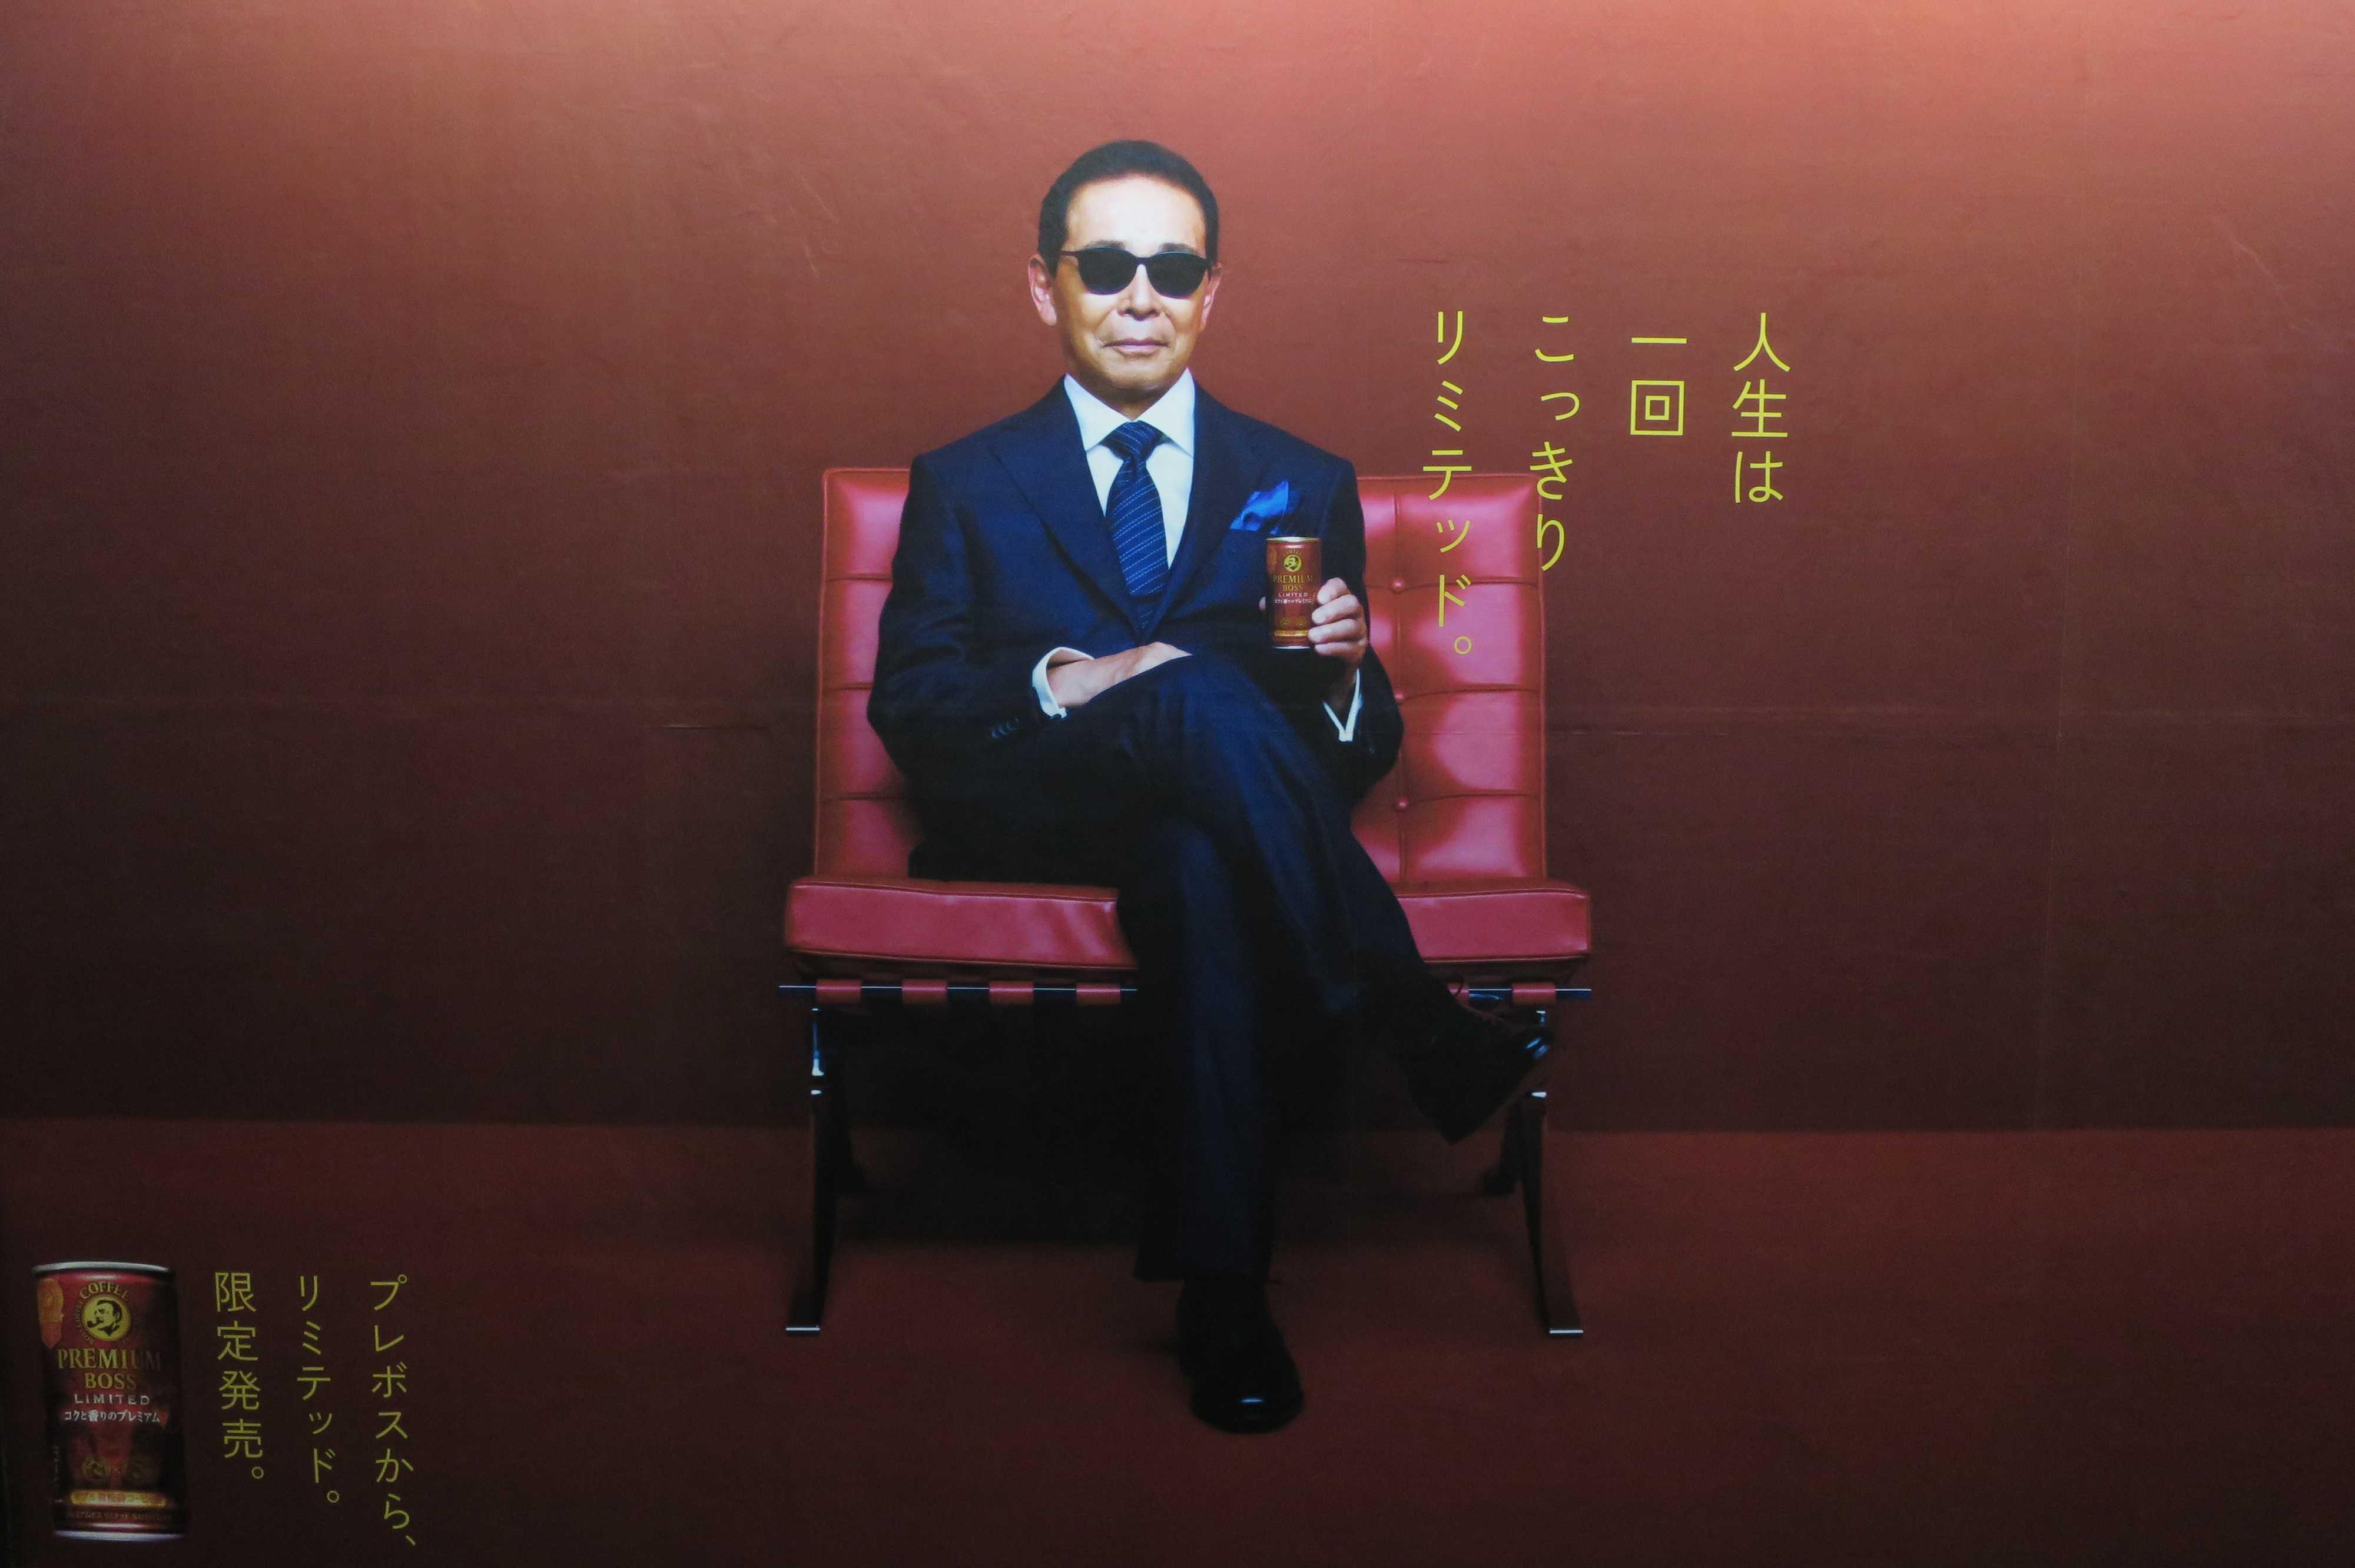 タモリのボス広告「人生は一回こっきりリミテッド」